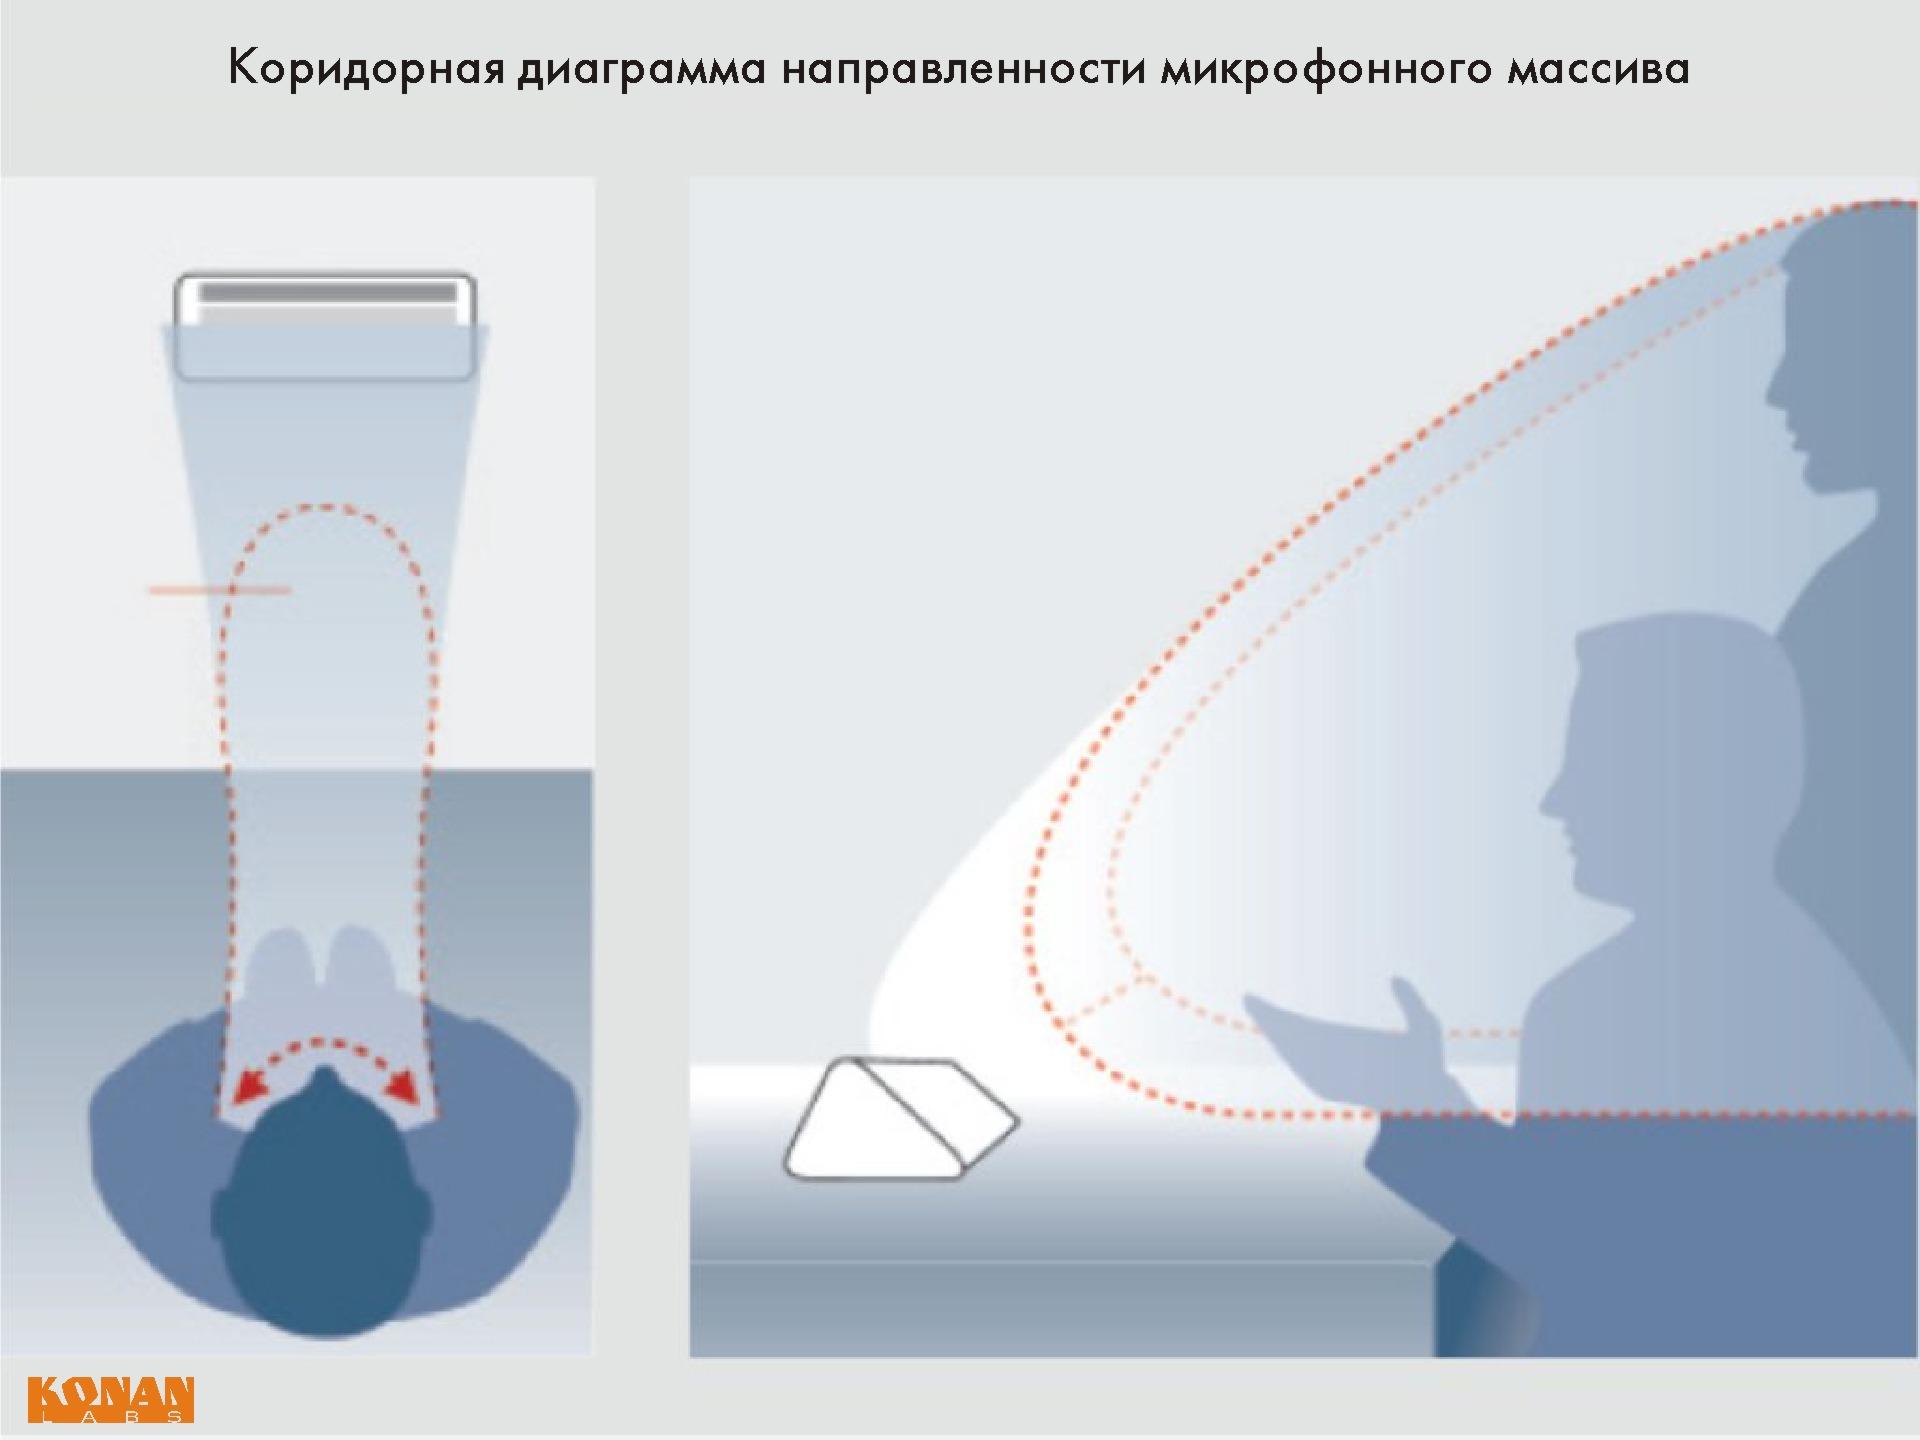 Коридорная диаграмма направленности микрофонного массива